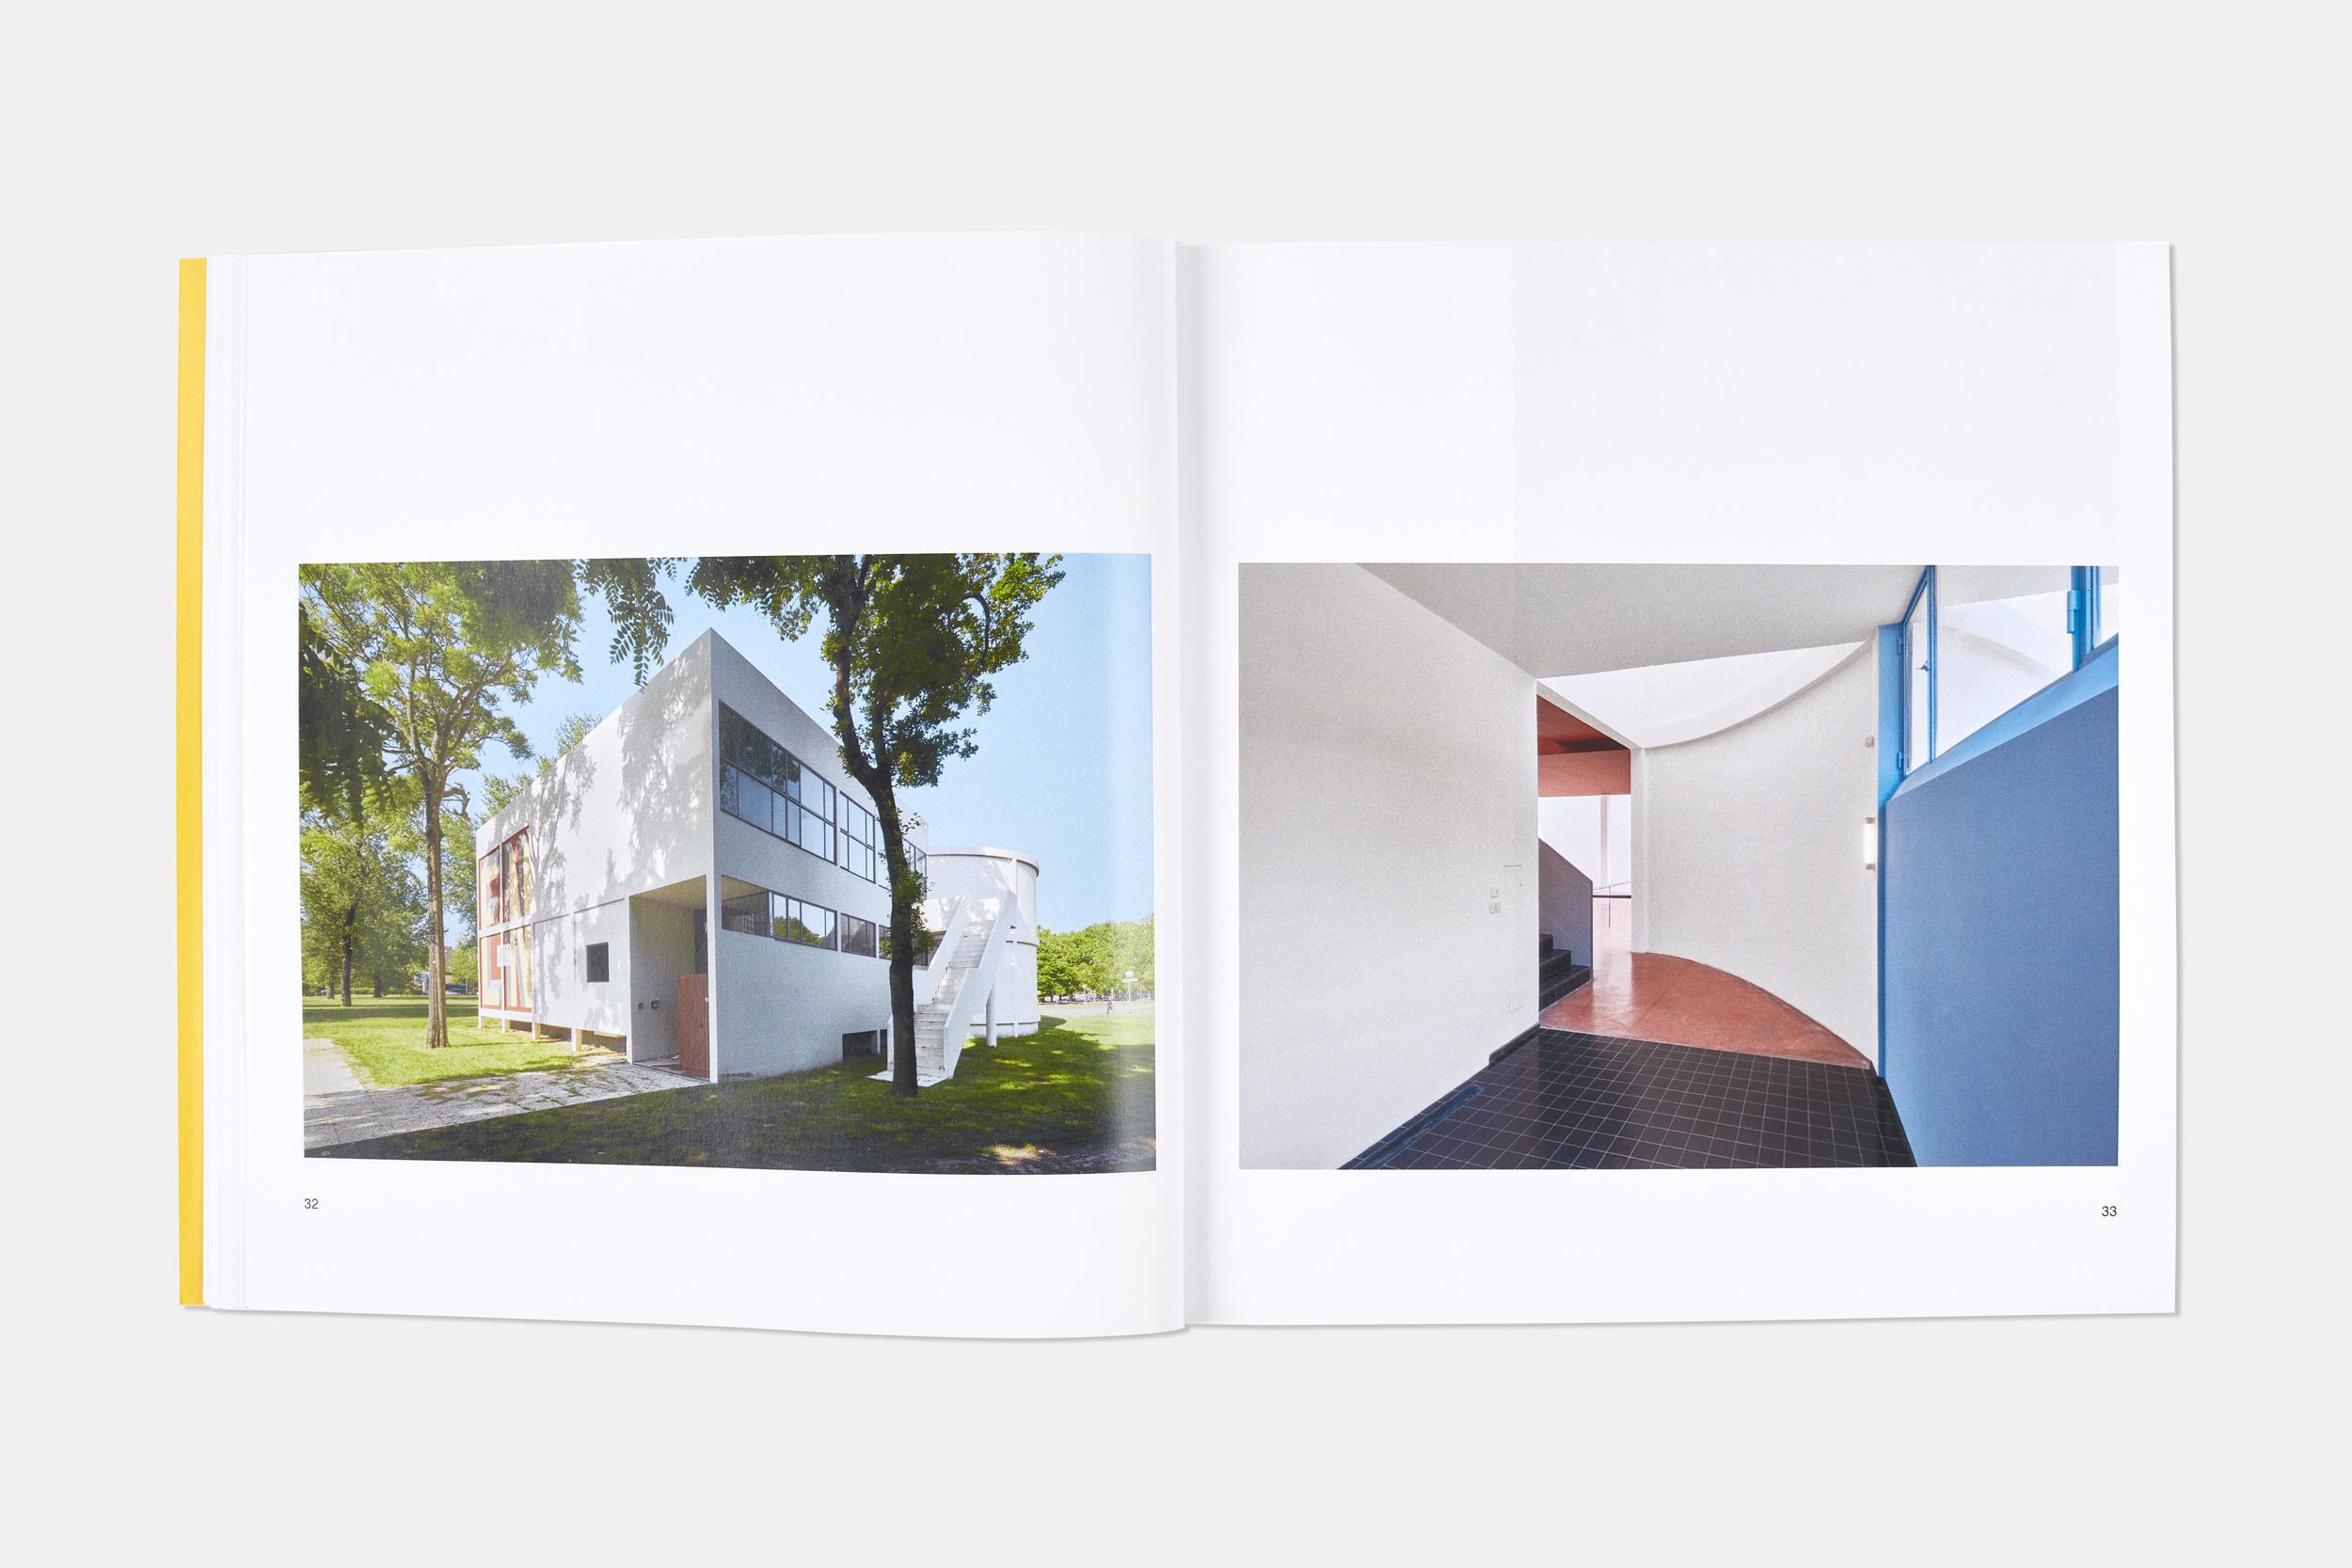 Federico_Covre_Le_Corbusier_Phoenix_Book_Esprit_Nouveau_2018_09